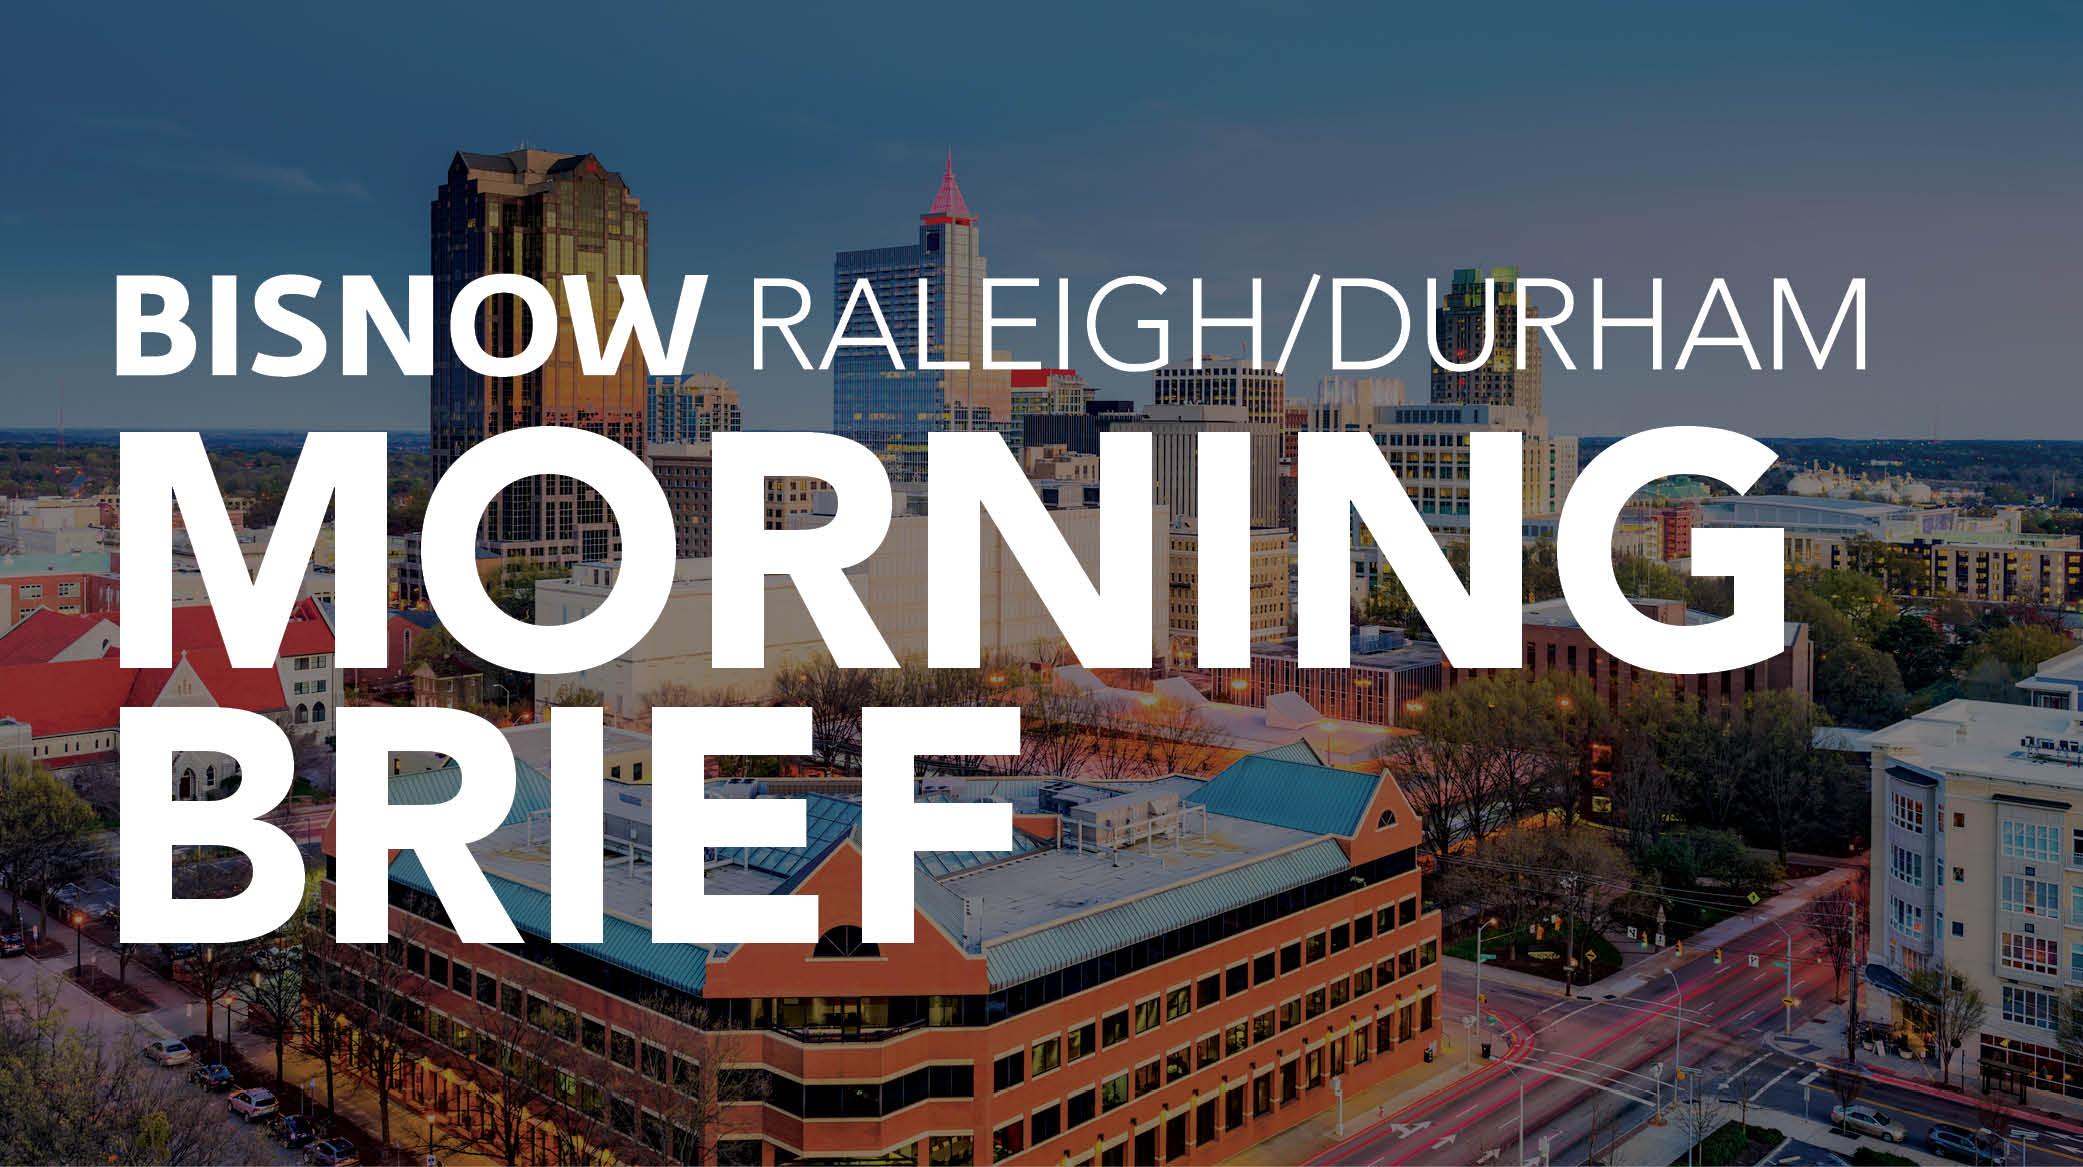 Bisnow Morning Brief Raleigh/Durham